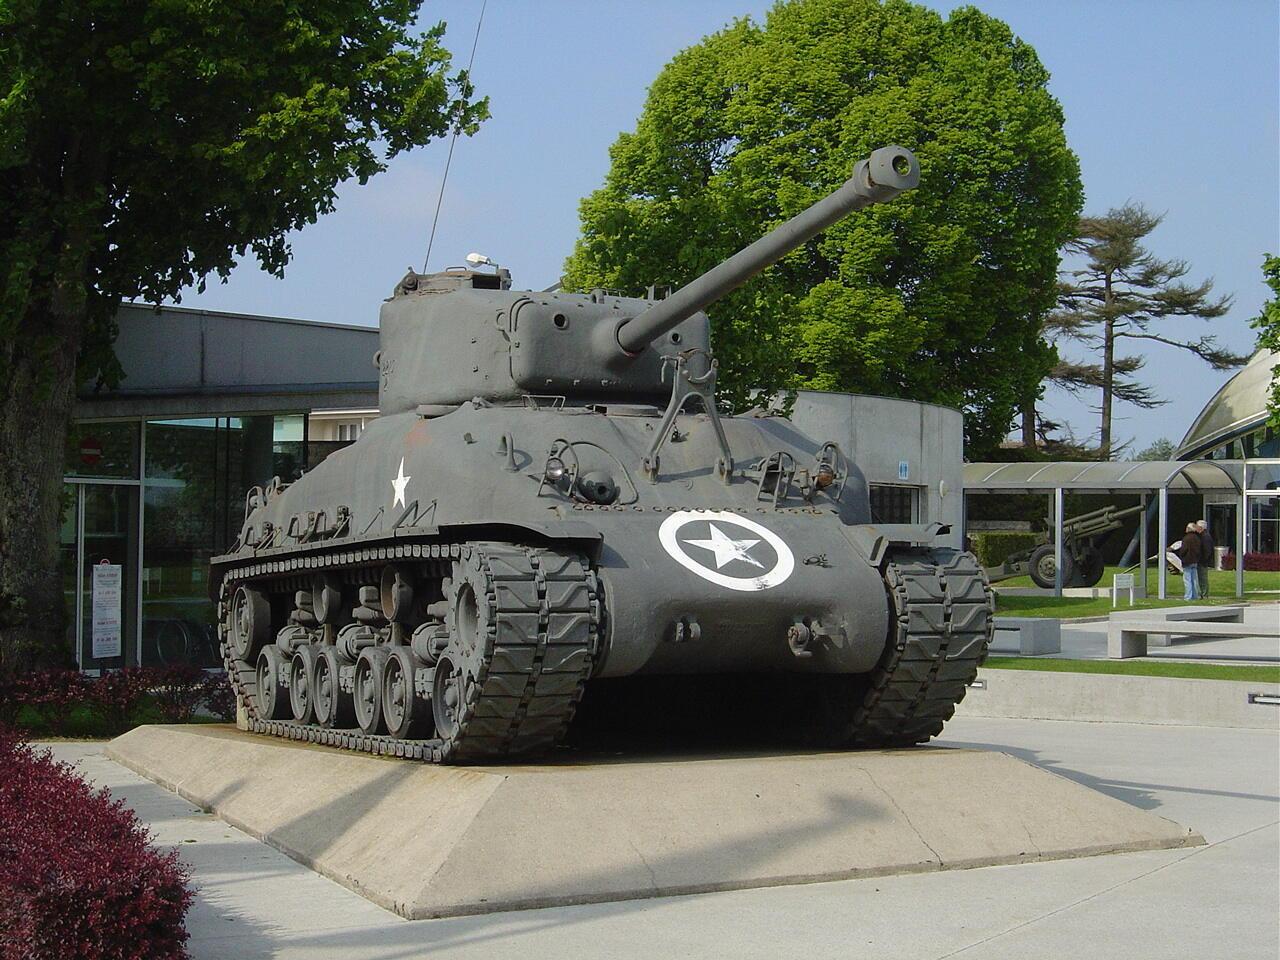 Танк в Музее парашютно-десантных войск городка Сент-Мер-Эглиз